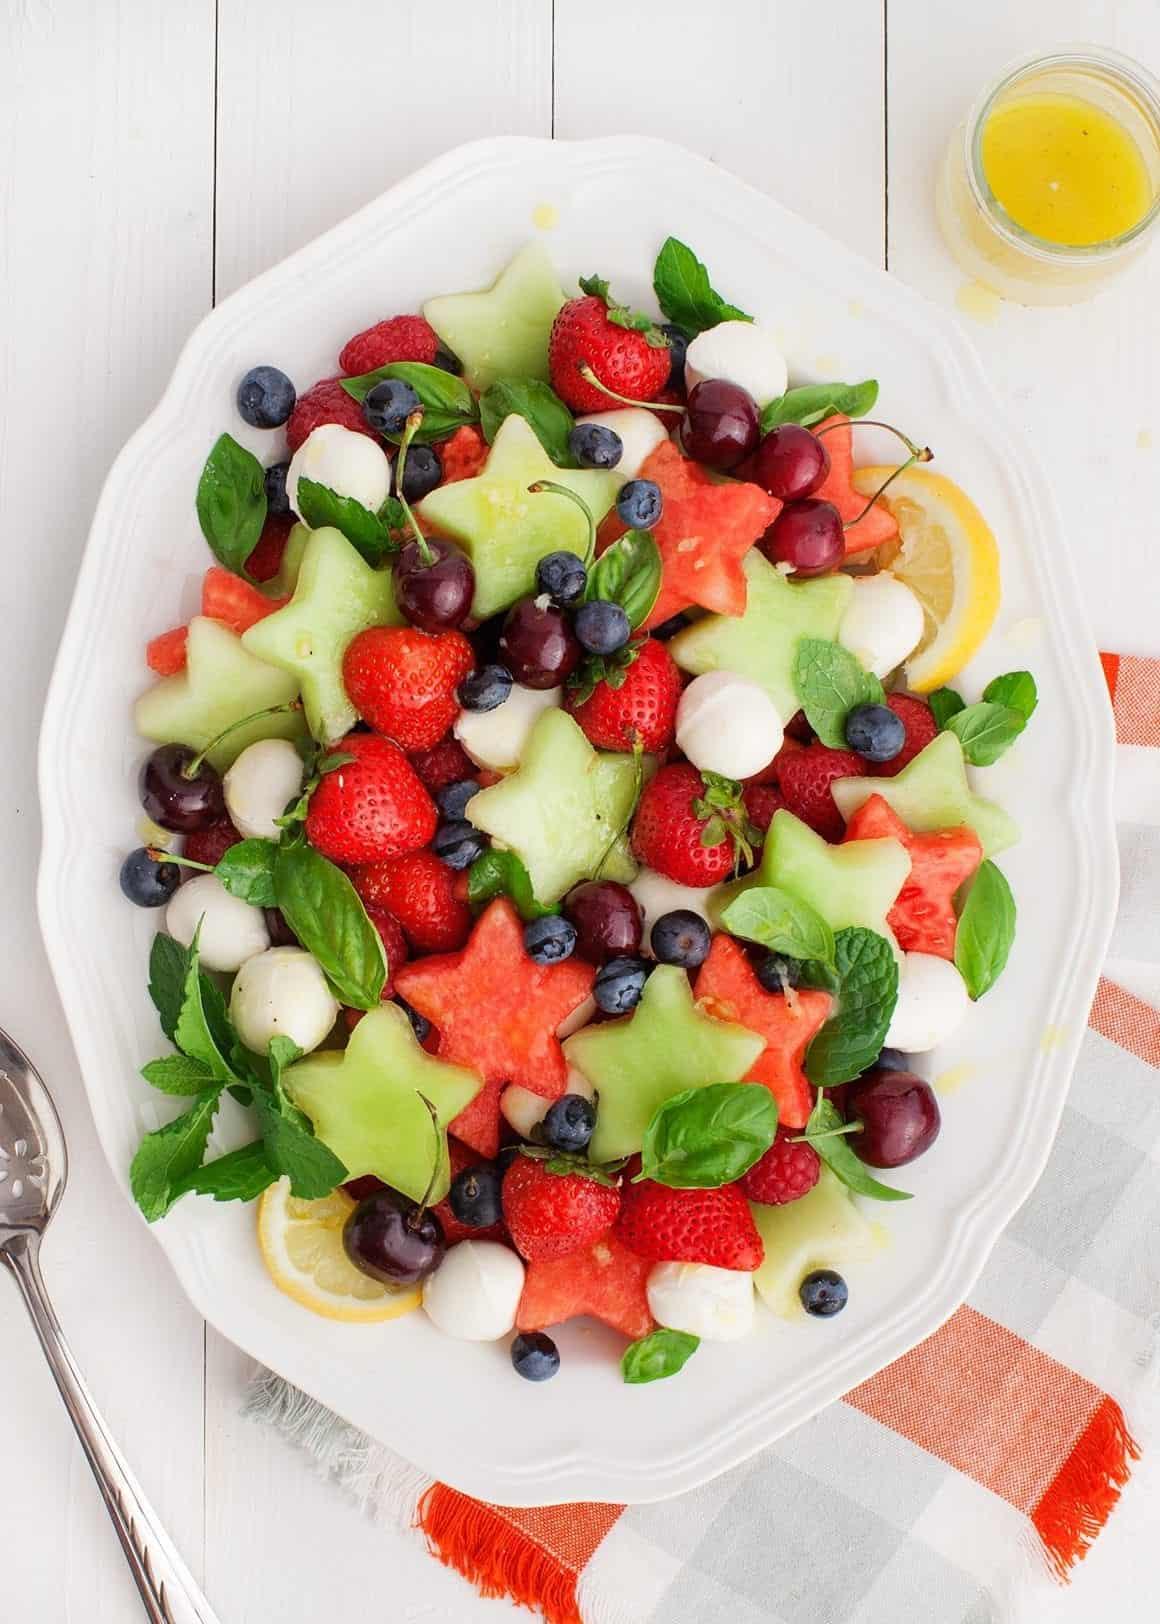 IMG 2017 06 25 10443 2 1 Une salade de fruits festifs au citron et au gingembre